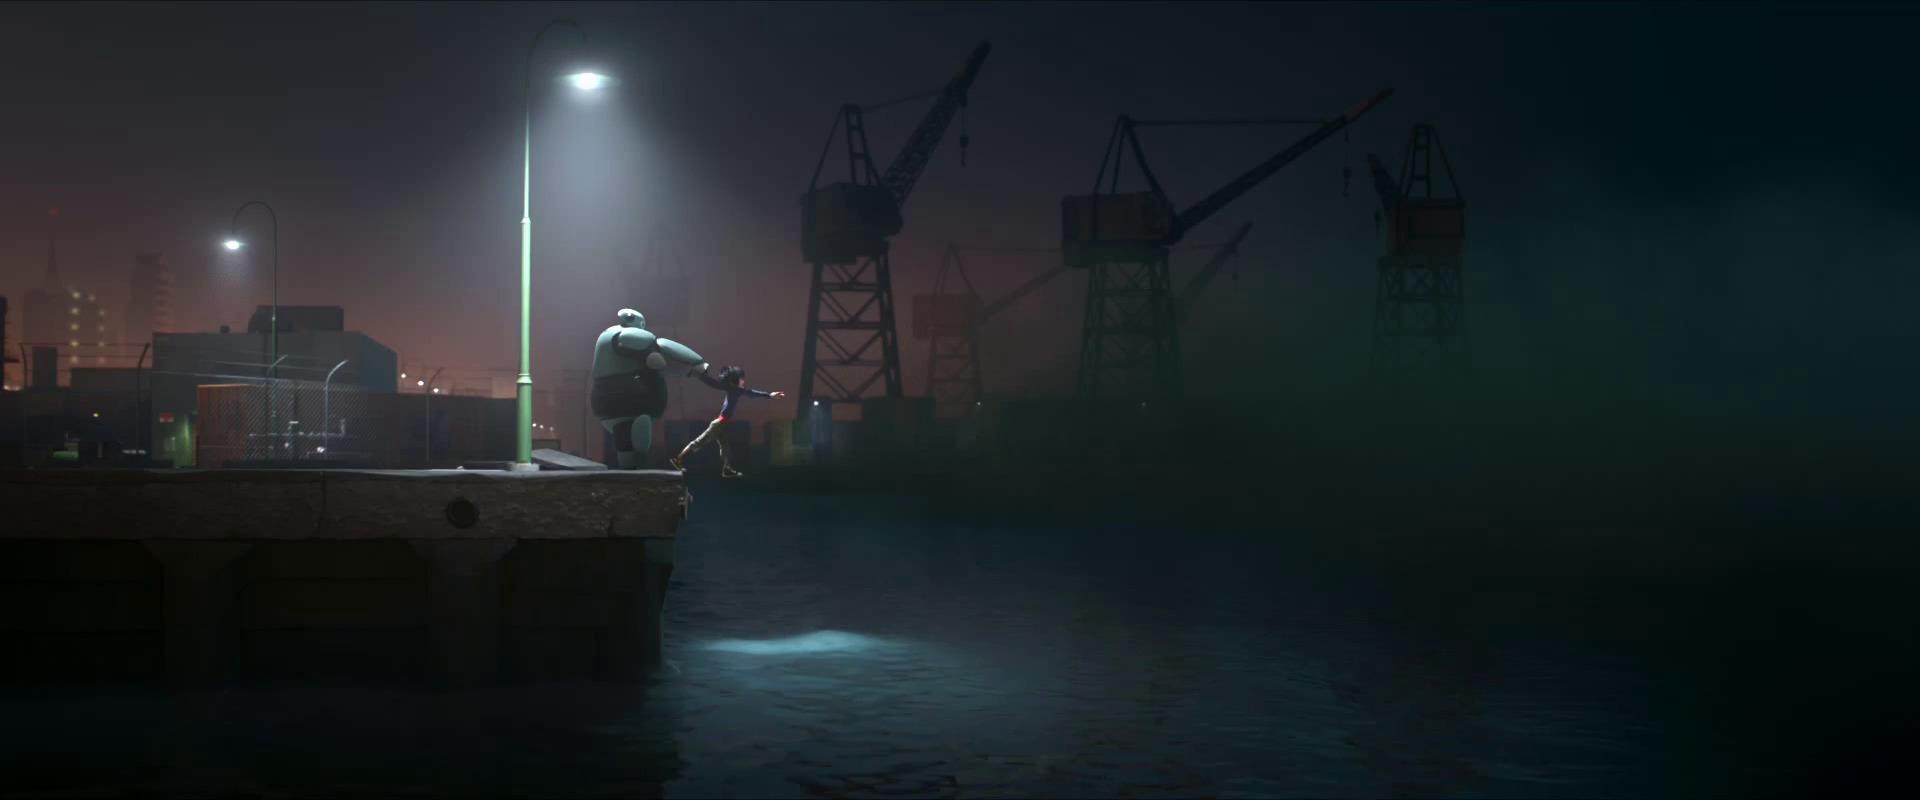 Datei:Big Hero 6 - Baymax's Ocean Tips 3.jpg